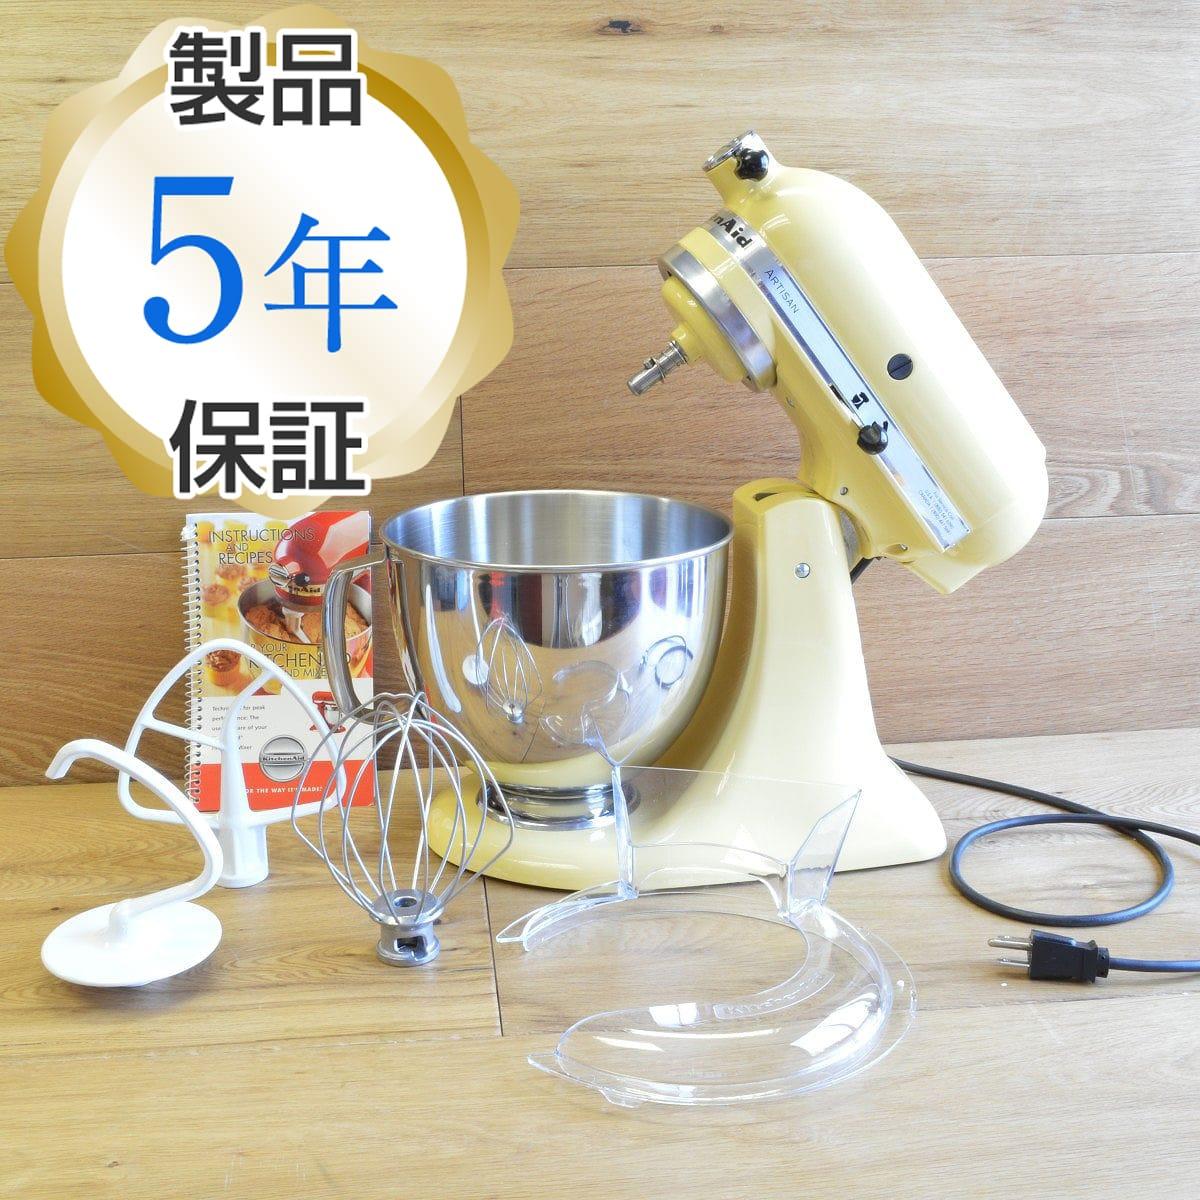 キッチンエイド スタンドミキサー アルチザン 4.8L マジェスティックイエロー KitchenAid Artisan 5-Quart Stand Mixers KSM150PSMY【日本語説明書付】 家電